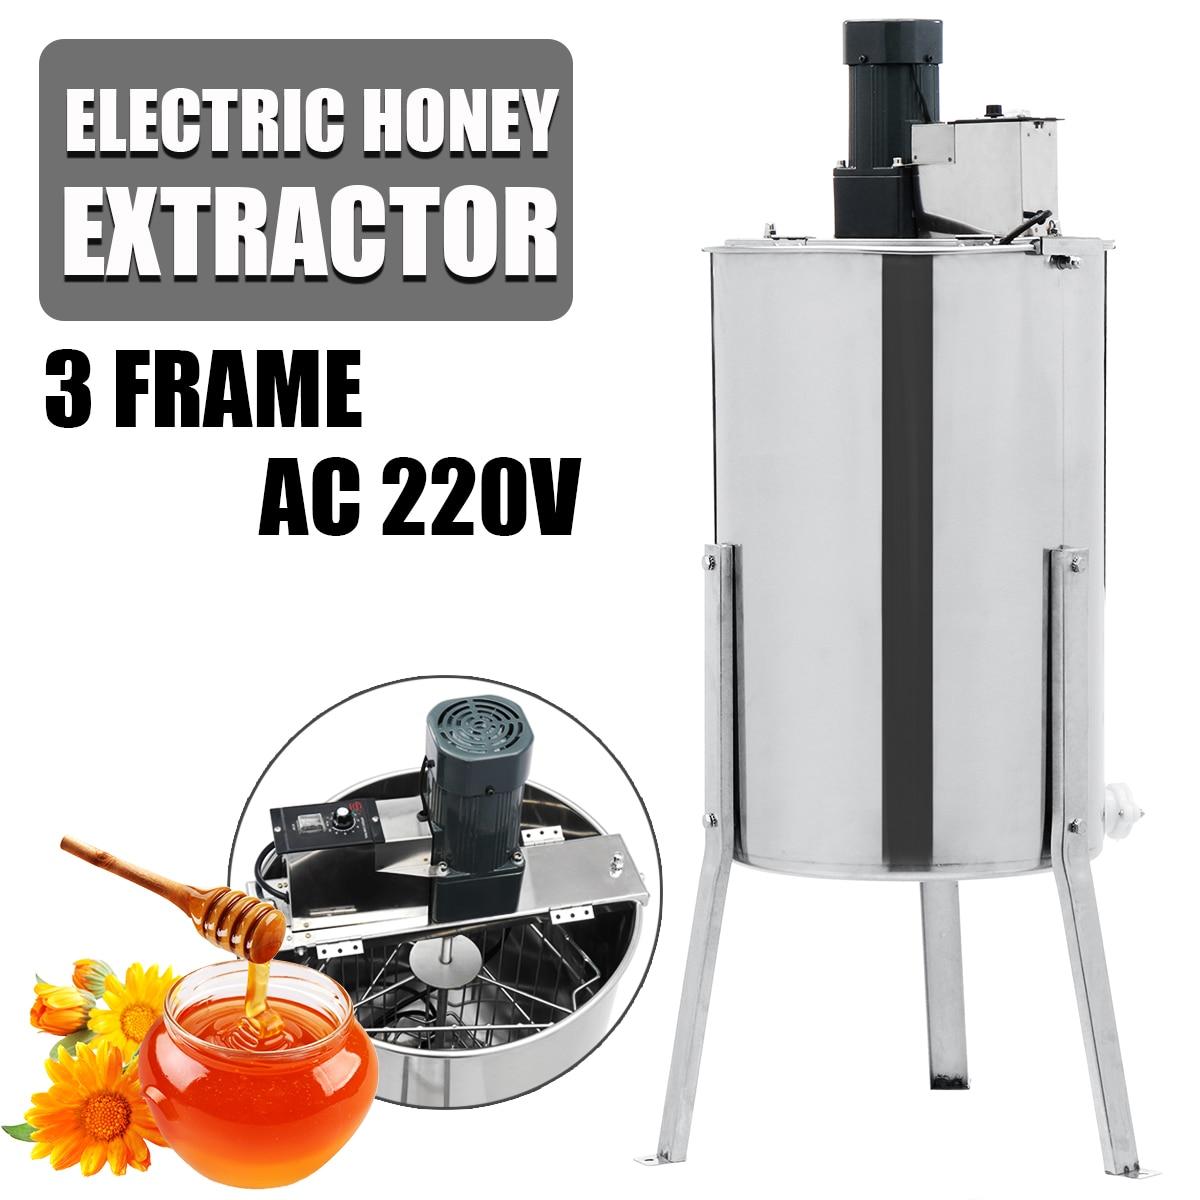 3 cadre Électrique Extracteur de Miel En Acier Inoxydable Apiculture Machine Boîte à Outils Miel Extracteur Fournit le Matériel Apicole